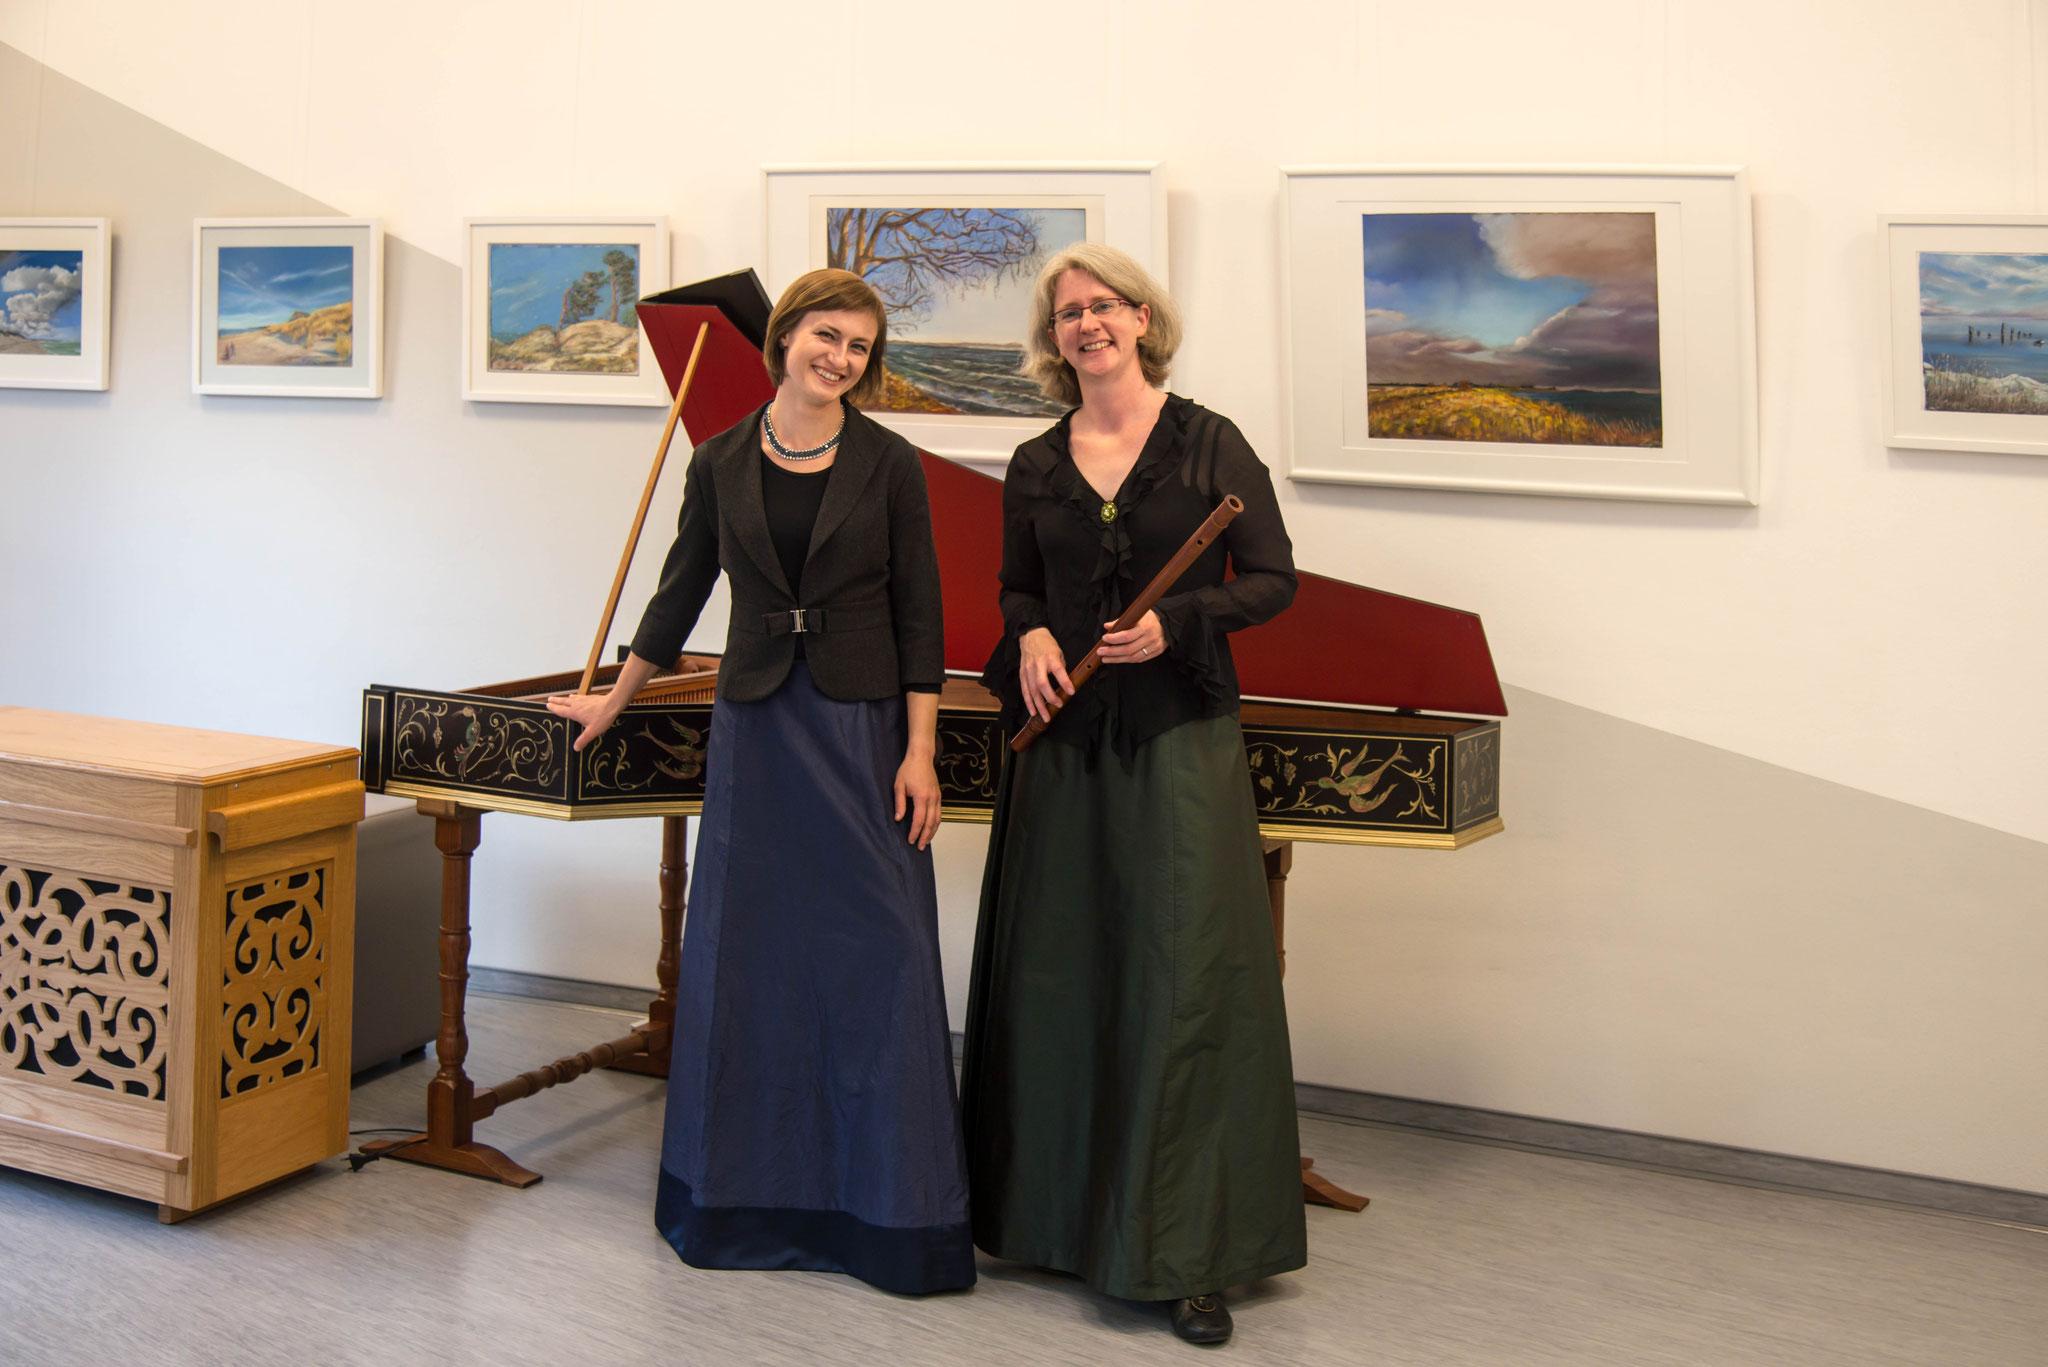 5. Juli 2017, Der Abendsalon zu Gast im Ernst-Moritz-Arndt Museum Garz / Rügen - Ein musikalisches Reformationsgedenken - Paulina Kilarska und Wibke Oppermann